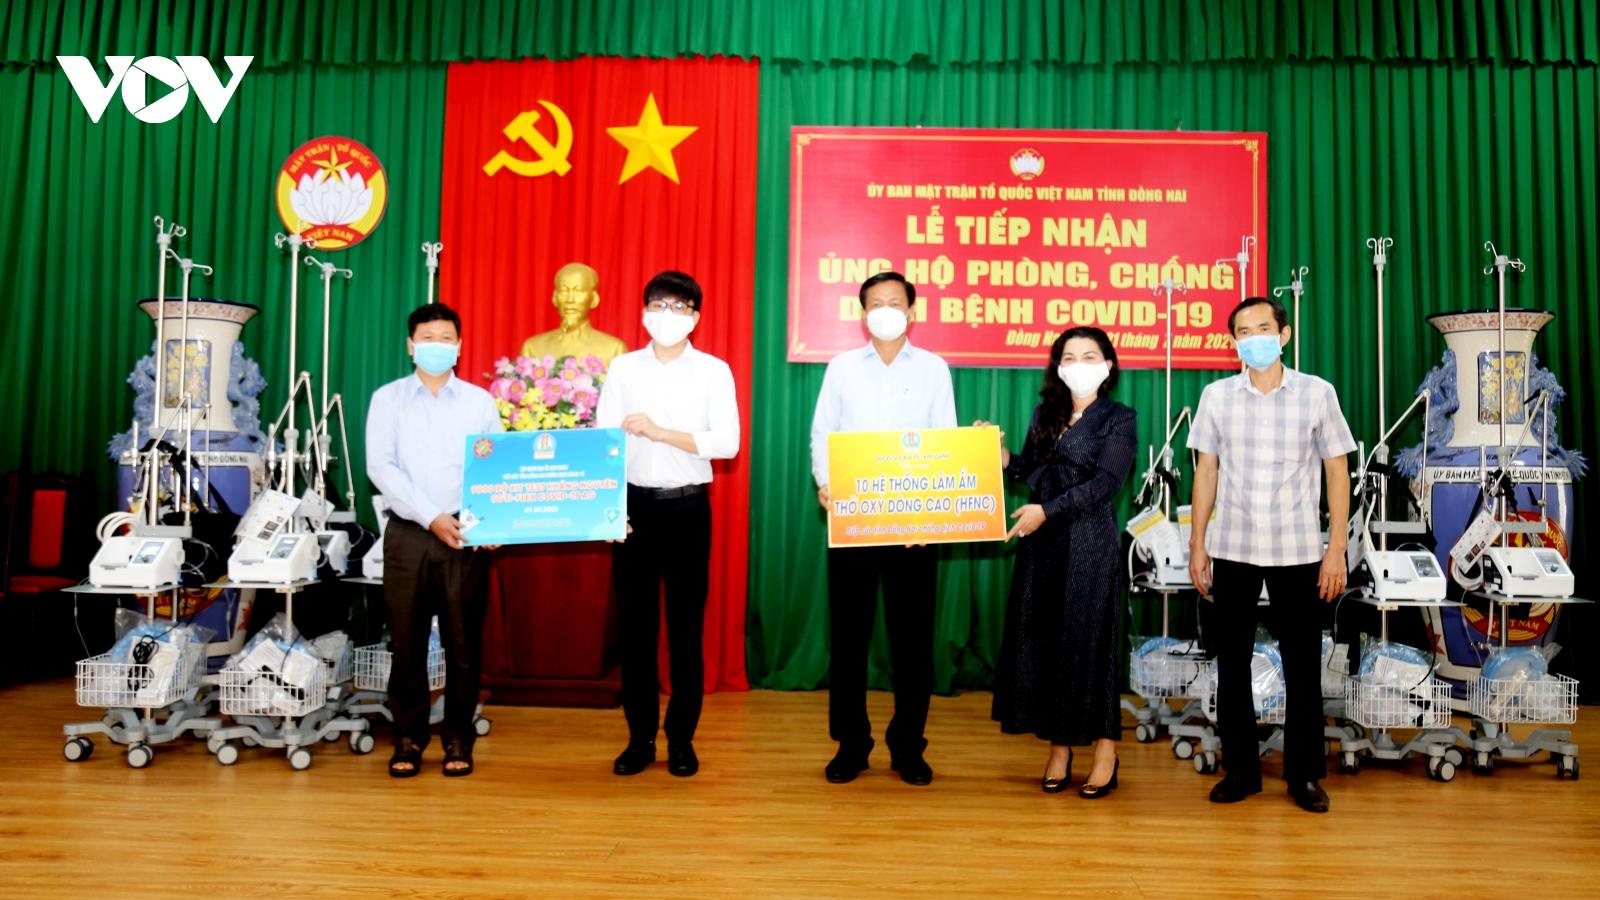 Tập đoàn Kim Oanh tặng 30 máy thở cho Đồng Nai, Bình Dương và TP.HCM